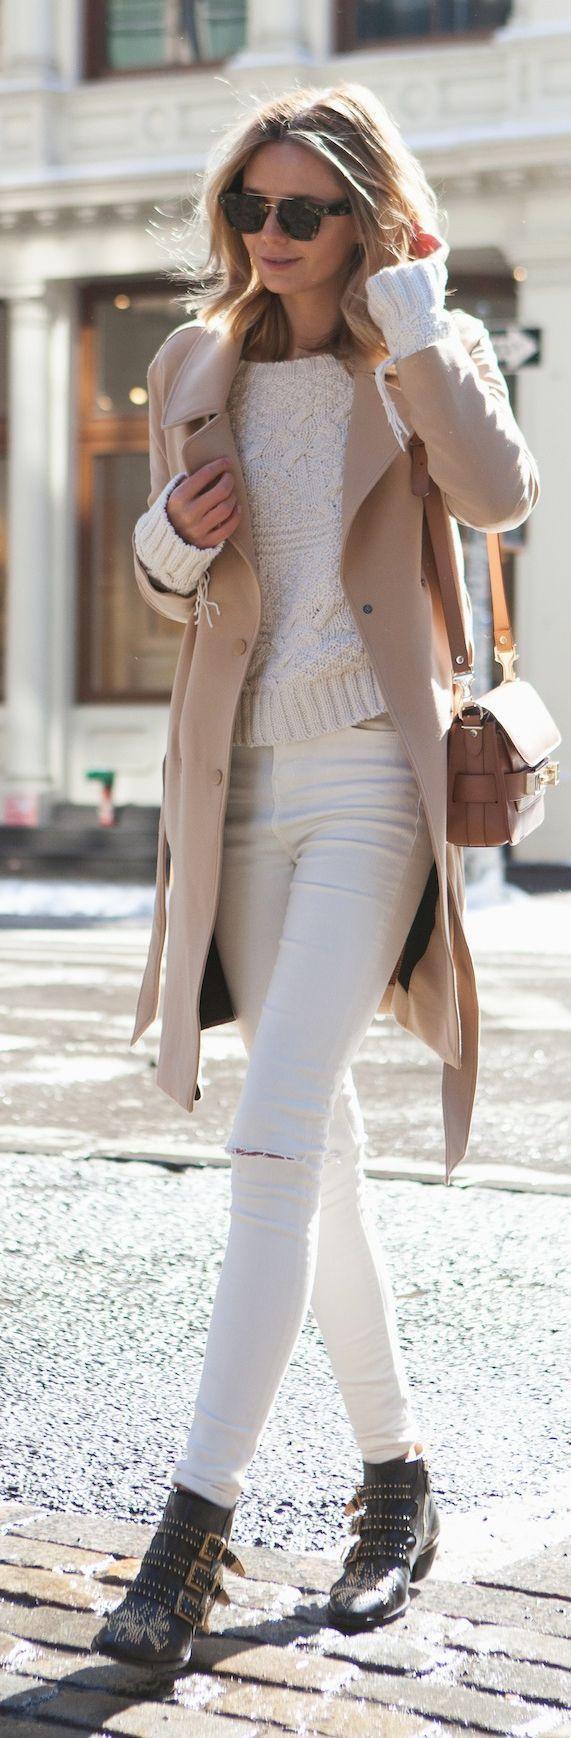 tendance sac femme 2017 2018 acheter la tenue sur lookastic pull torsad. Black Bedroom Furniture Sets. Home Design Ideas